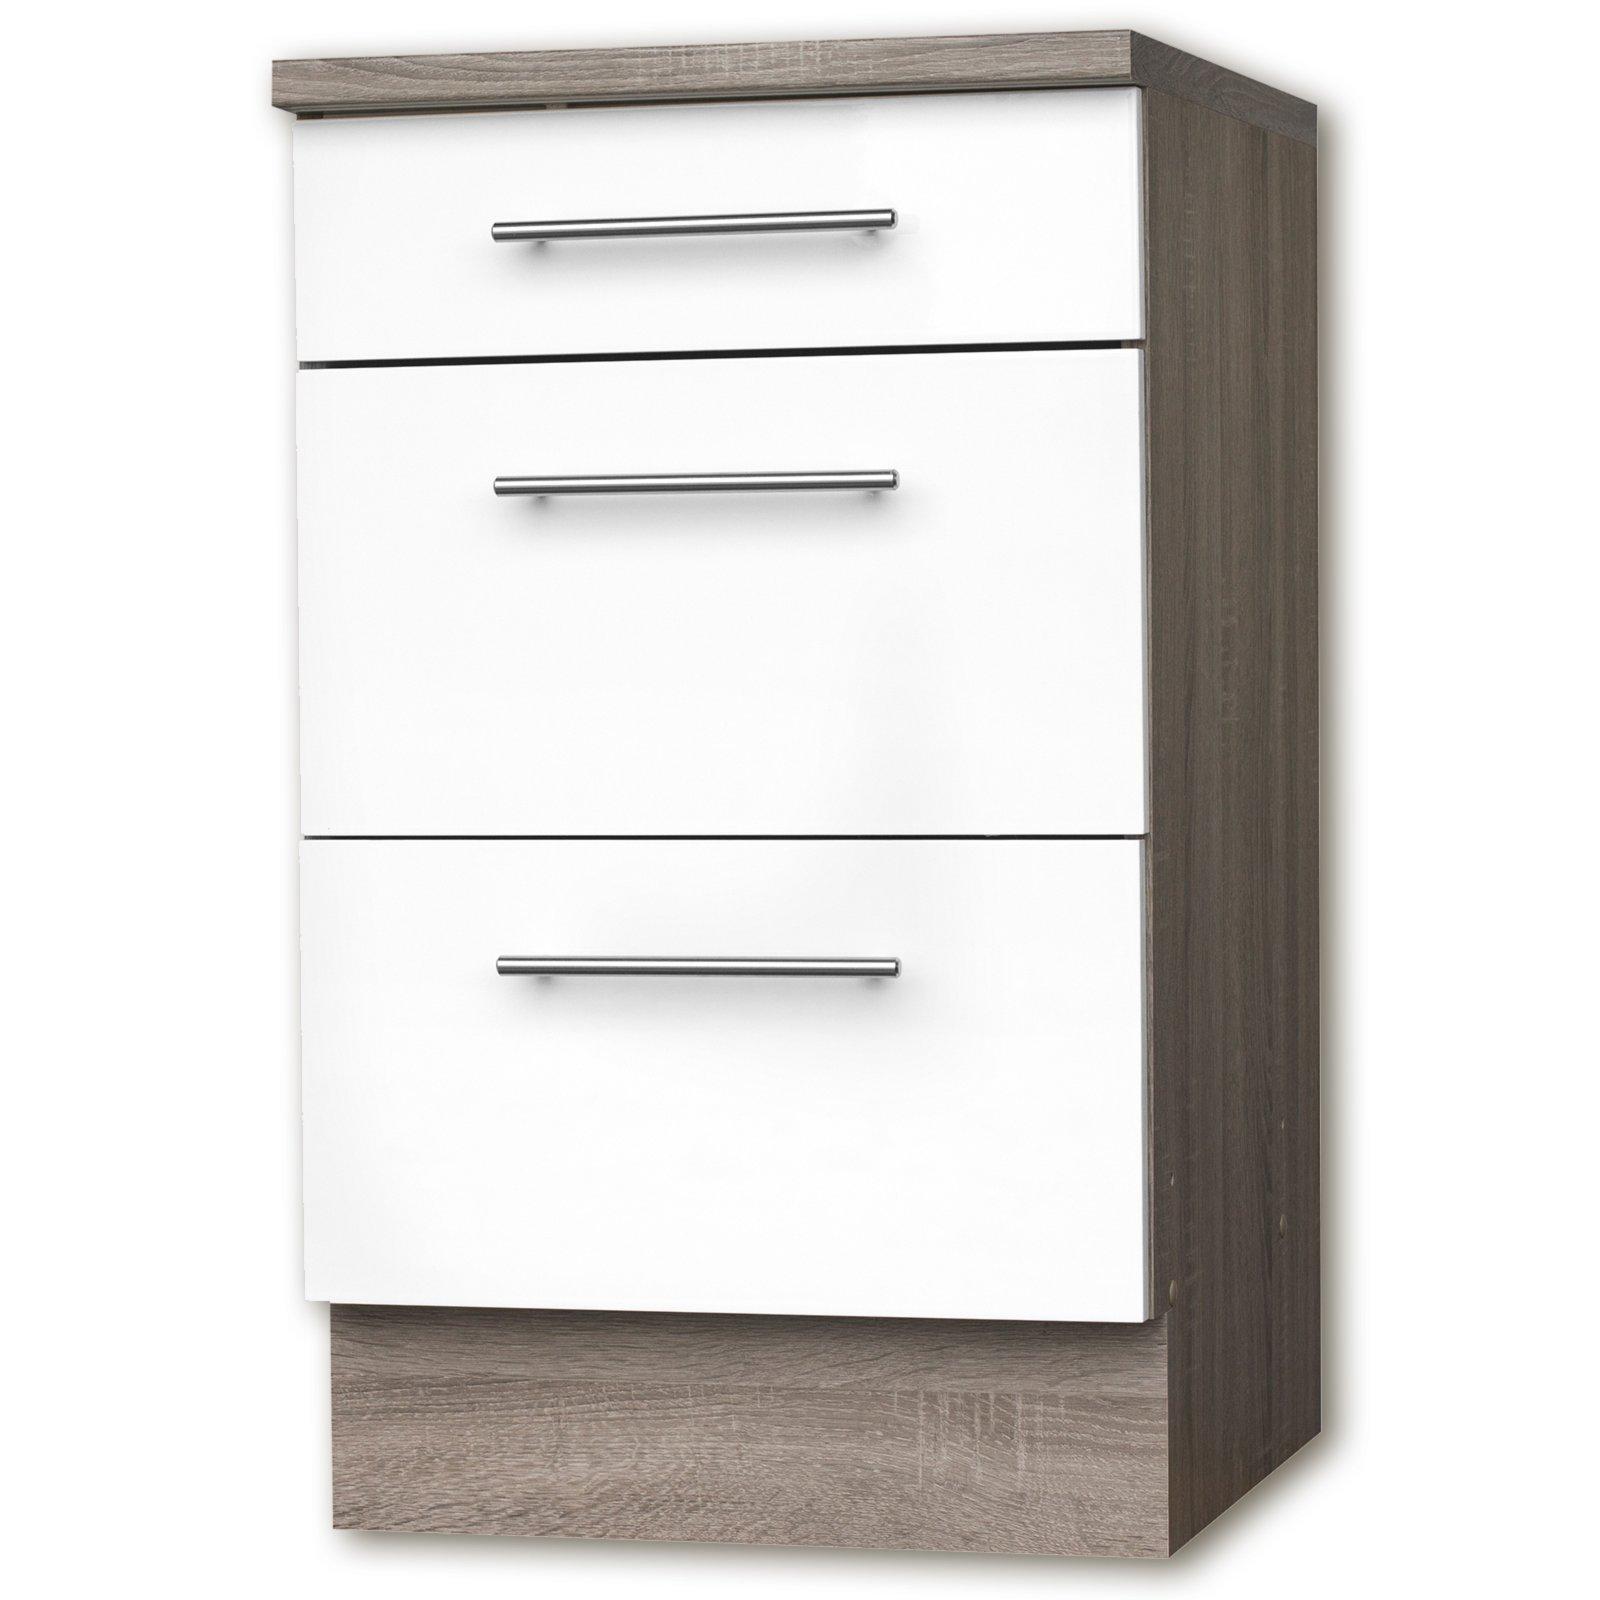 anrichte julia wei hochglanz tr ffel 3 schubk sten 50 cm ebay. Black Bedroom Furniture Sets. Home Design Ideas